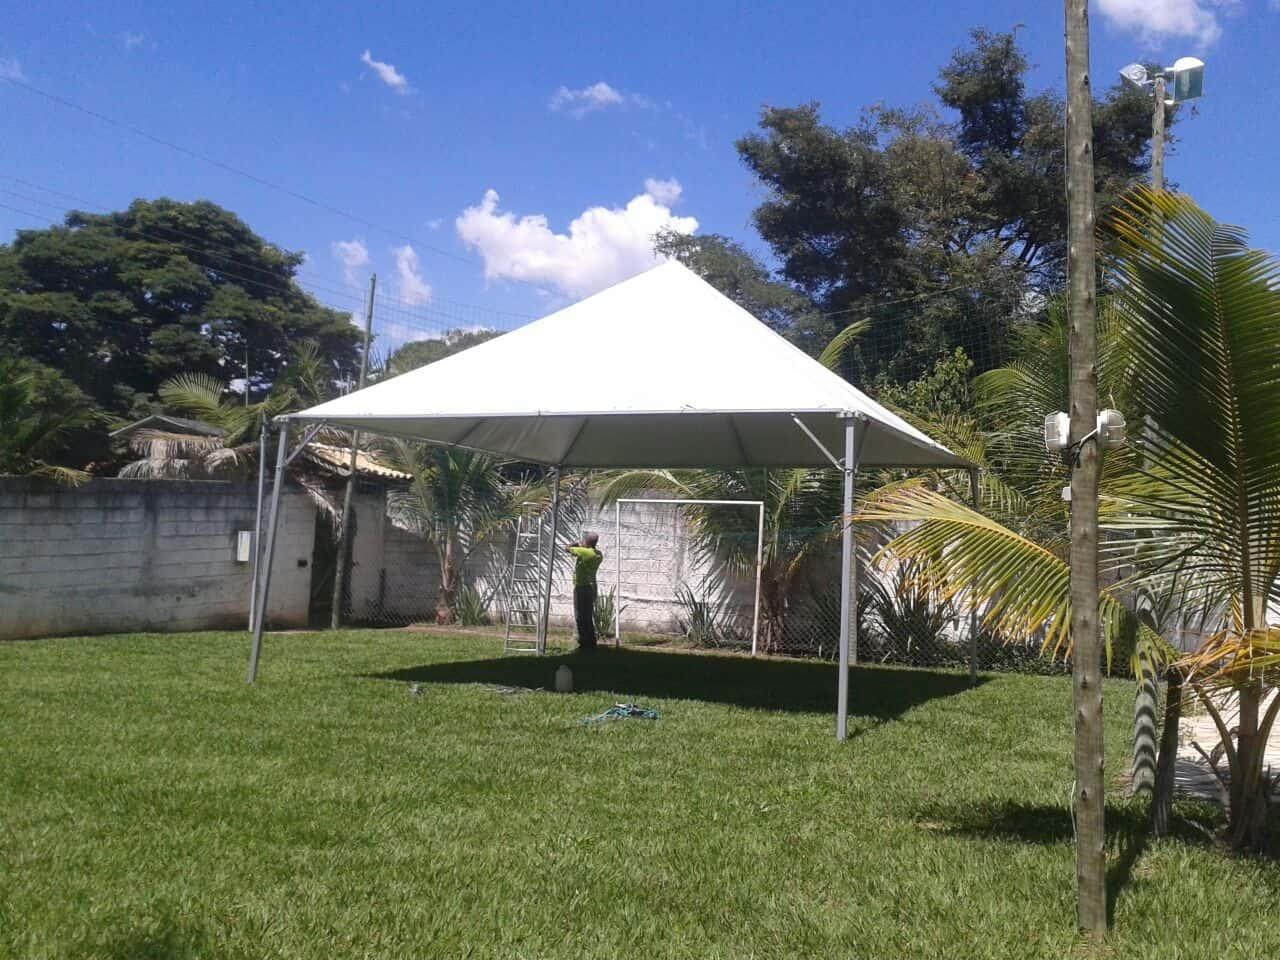 Tenda 6x6 com calhas laterais - Foto 5